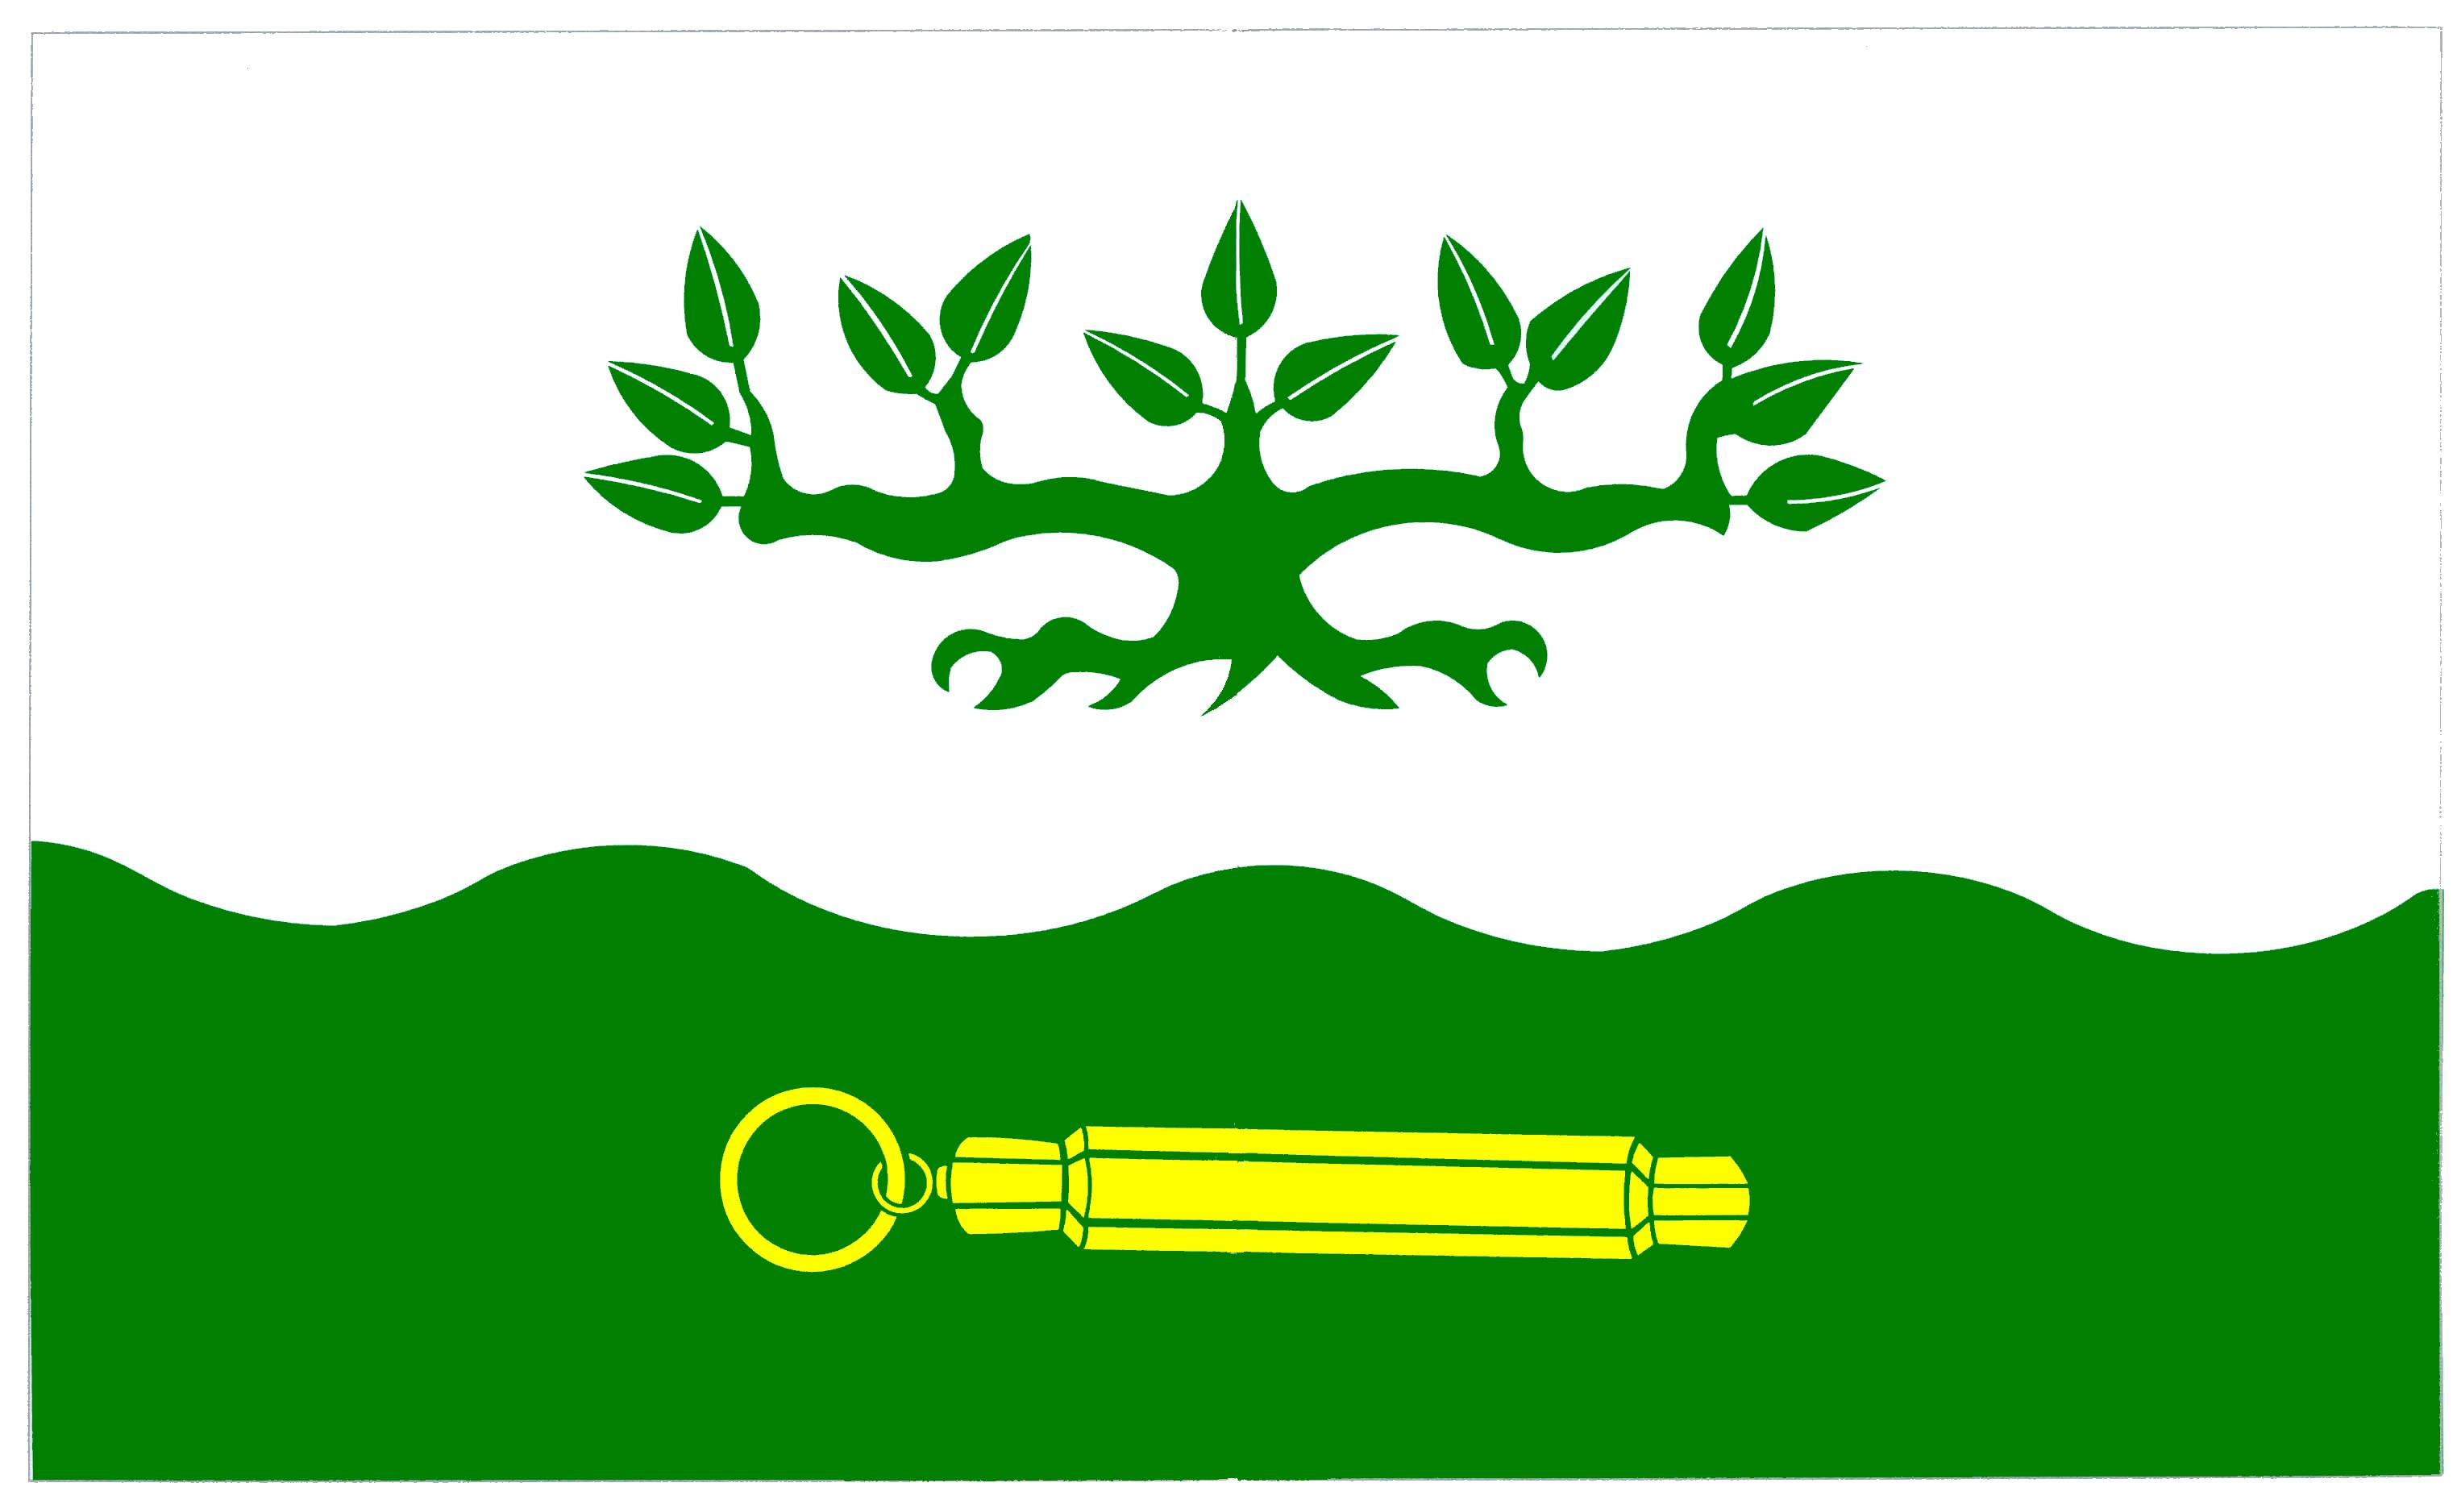 Flagge GemeindeOffenbüttel, Kreis Dithmarschen